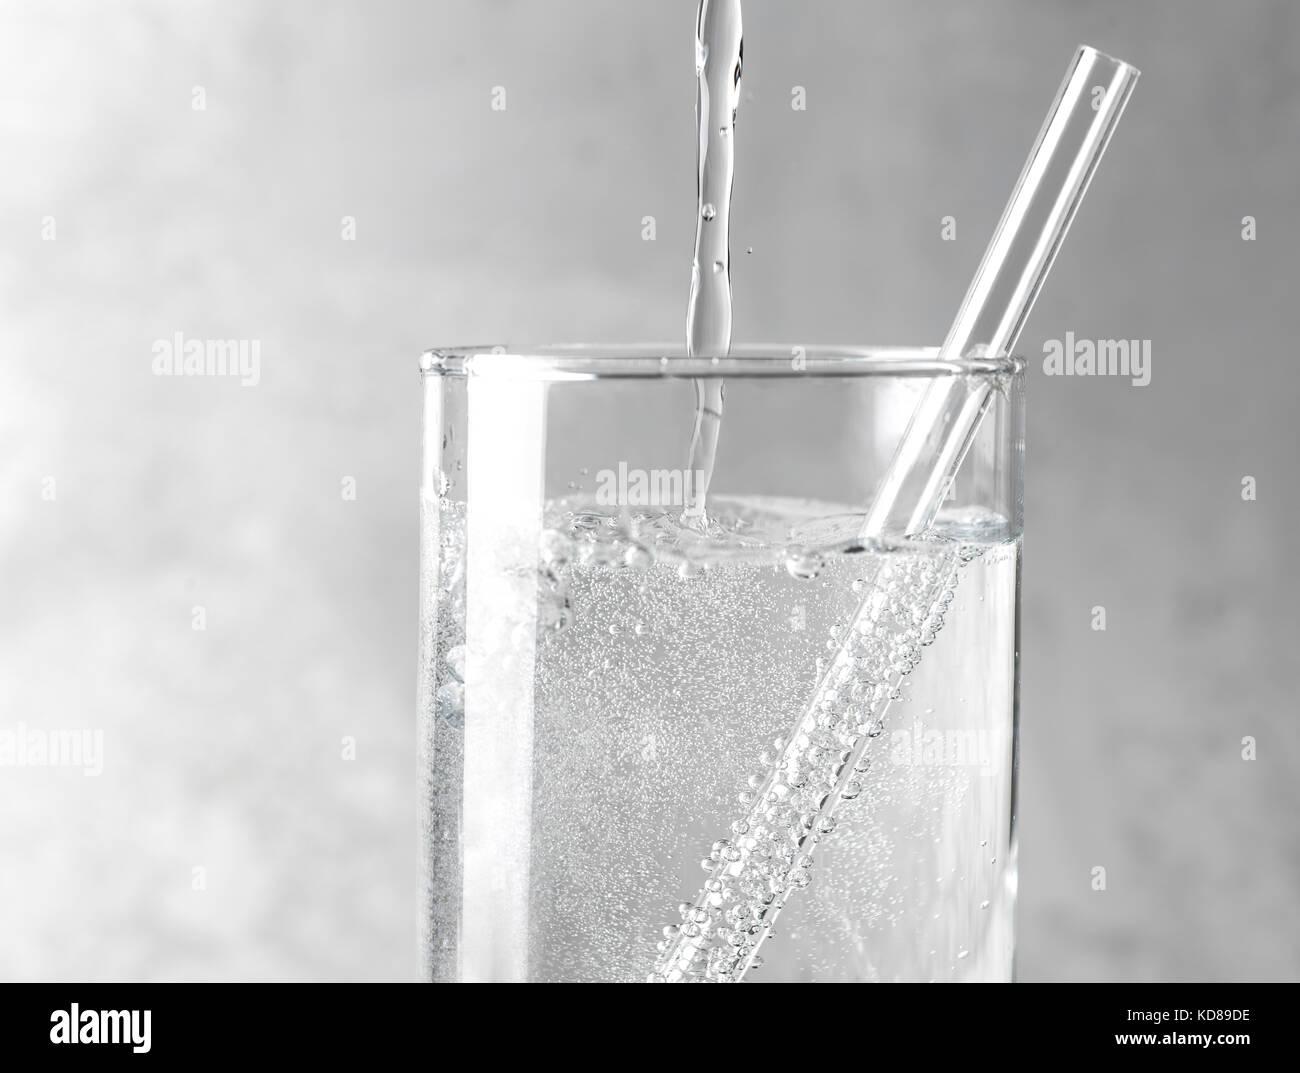 Detail der funkelnden Wasser in ein Glas mit einer durchsichtigen Strohhalm auf grauem Hintergrund aus Metall gegossen Stockbild